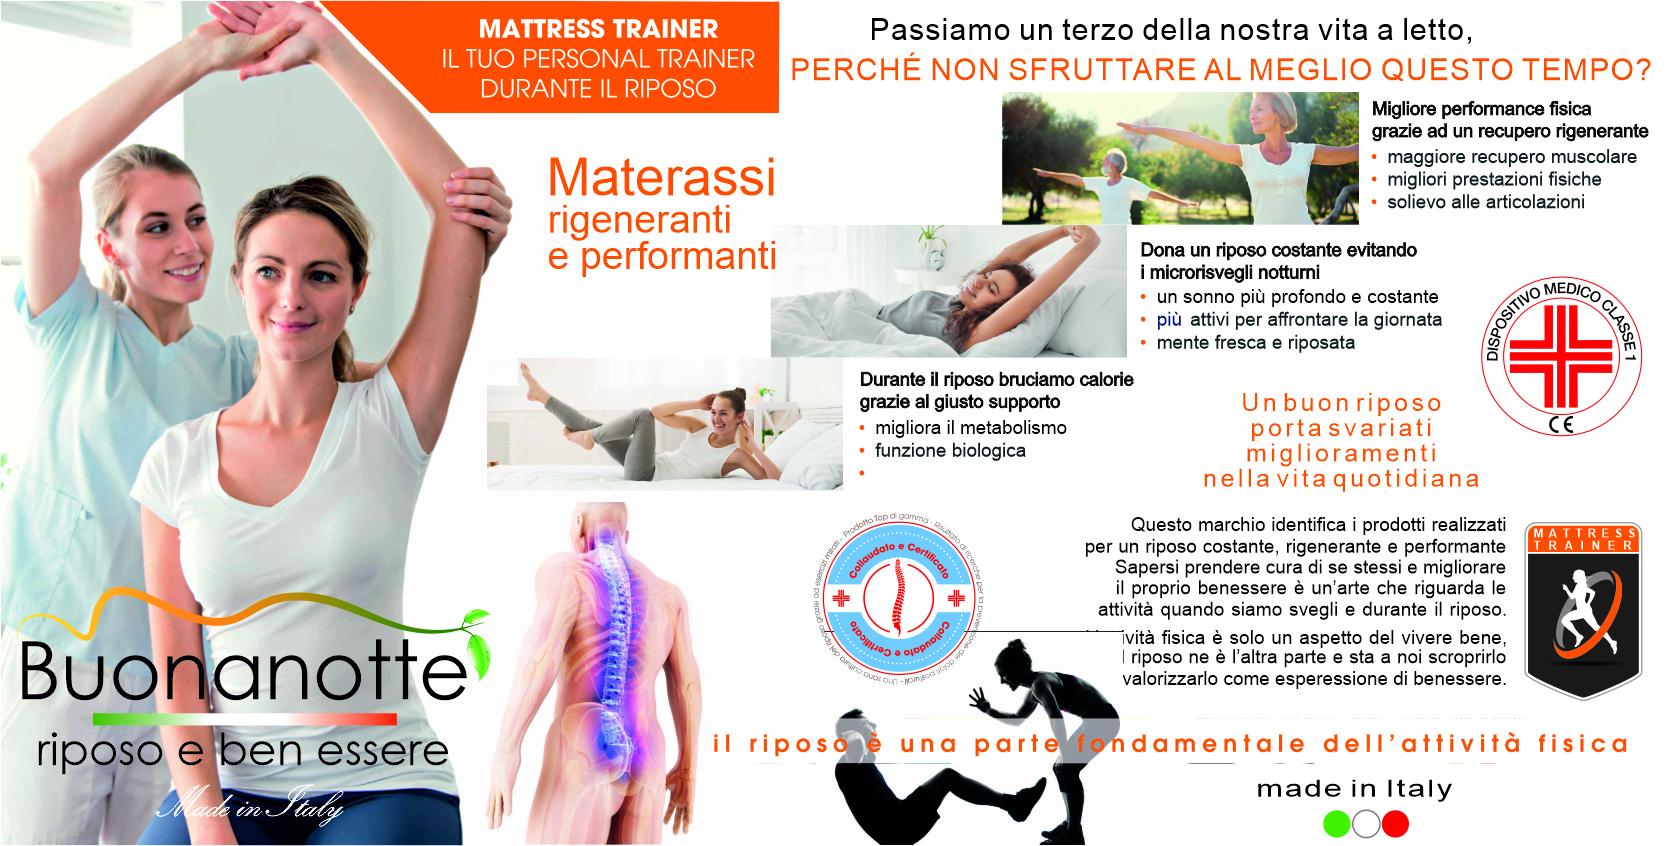 Mattress Trainer